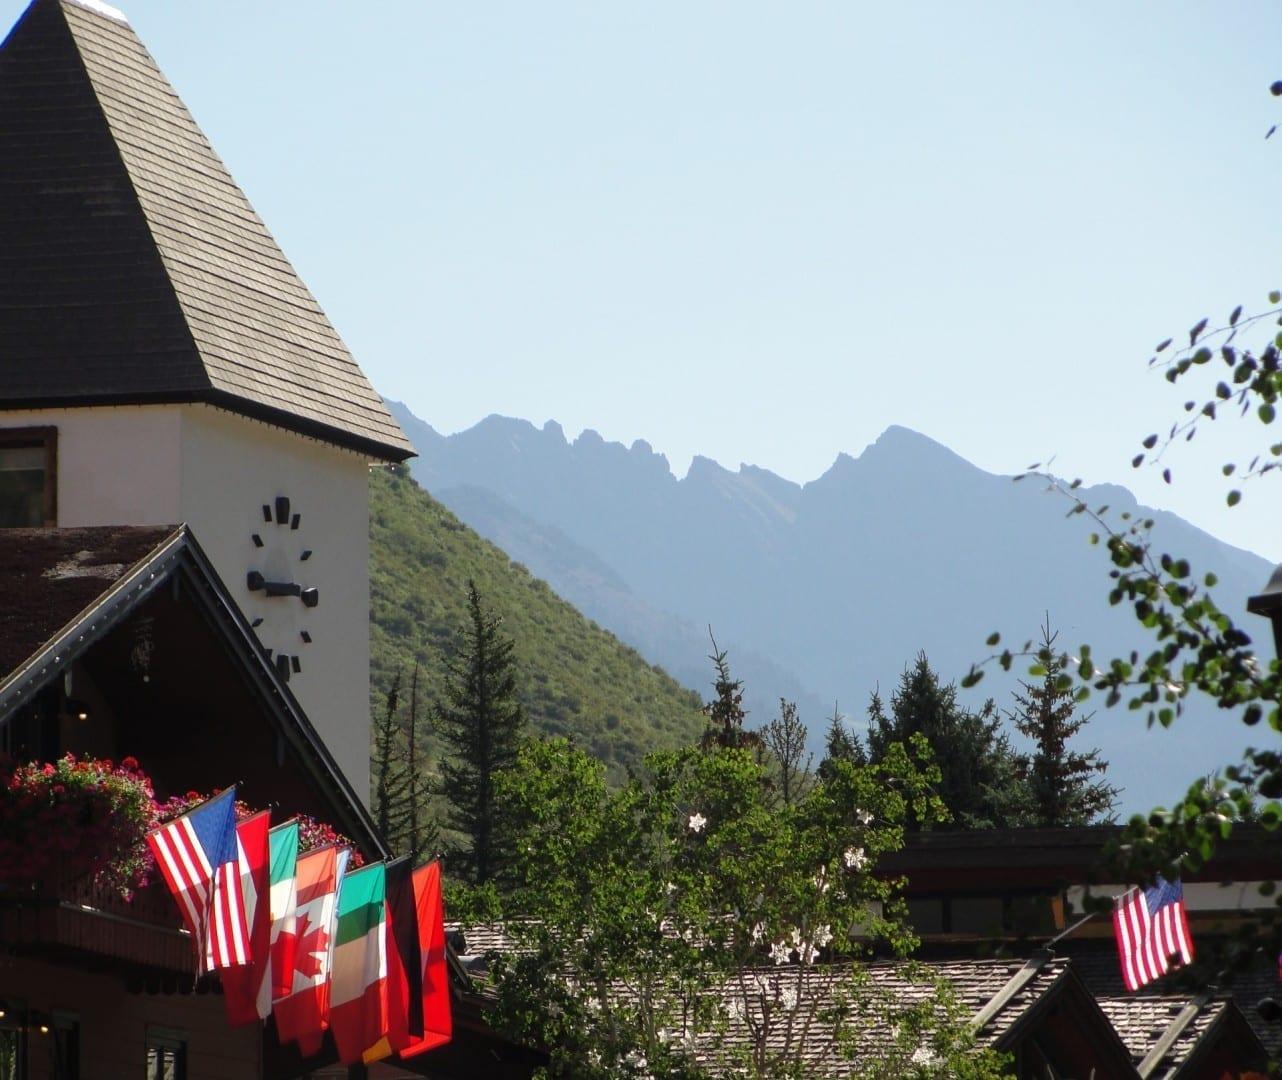 Dos emblemas del Valle de Vail - la Torre del Reloj con la Cordillera de los Gore al fondo Vail CO Estados Unidos